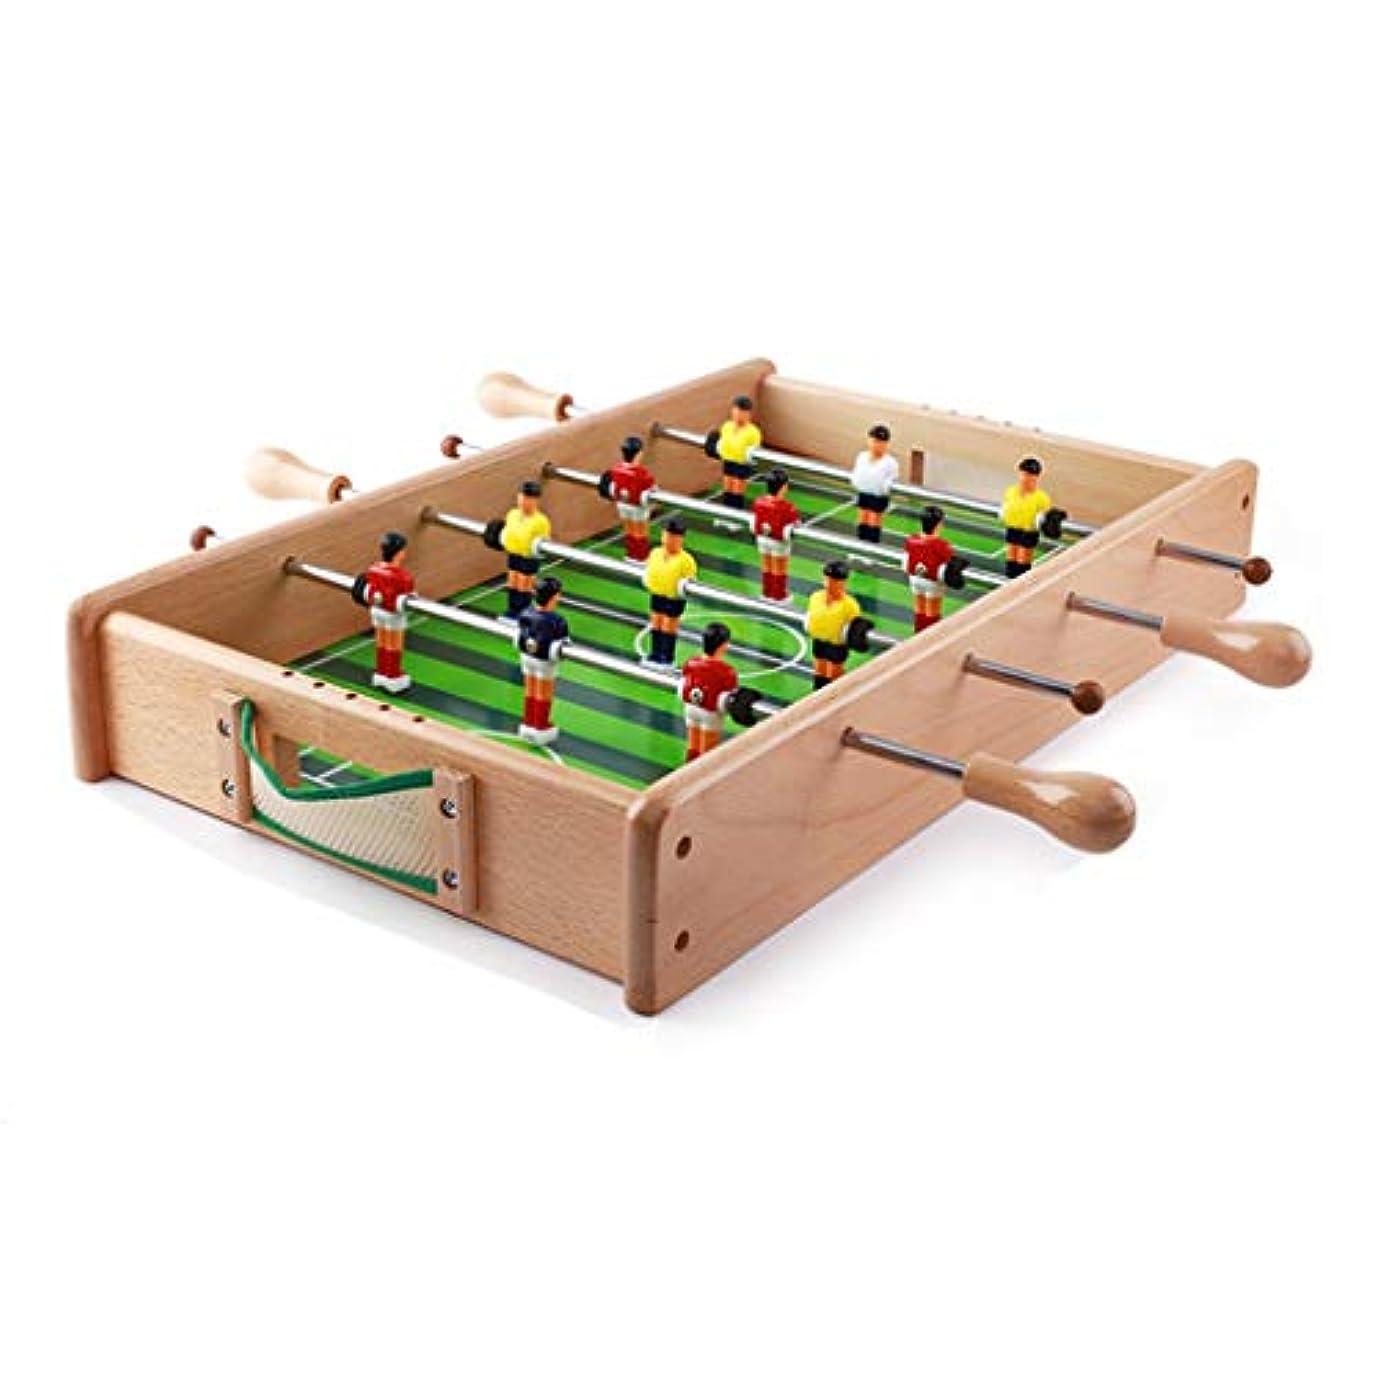 秋ロバ致命的サッカーゲーム小さなテーブルサッカー機ホームデスクトップ6人乗りサッカーテーブルゲームテーブル子供のおもちゃ誕生日プレゼント3-10歳の教育玩具男の子の女の子のおもちゃ (Color : WOOD, Size : 54*33*8.5CM)